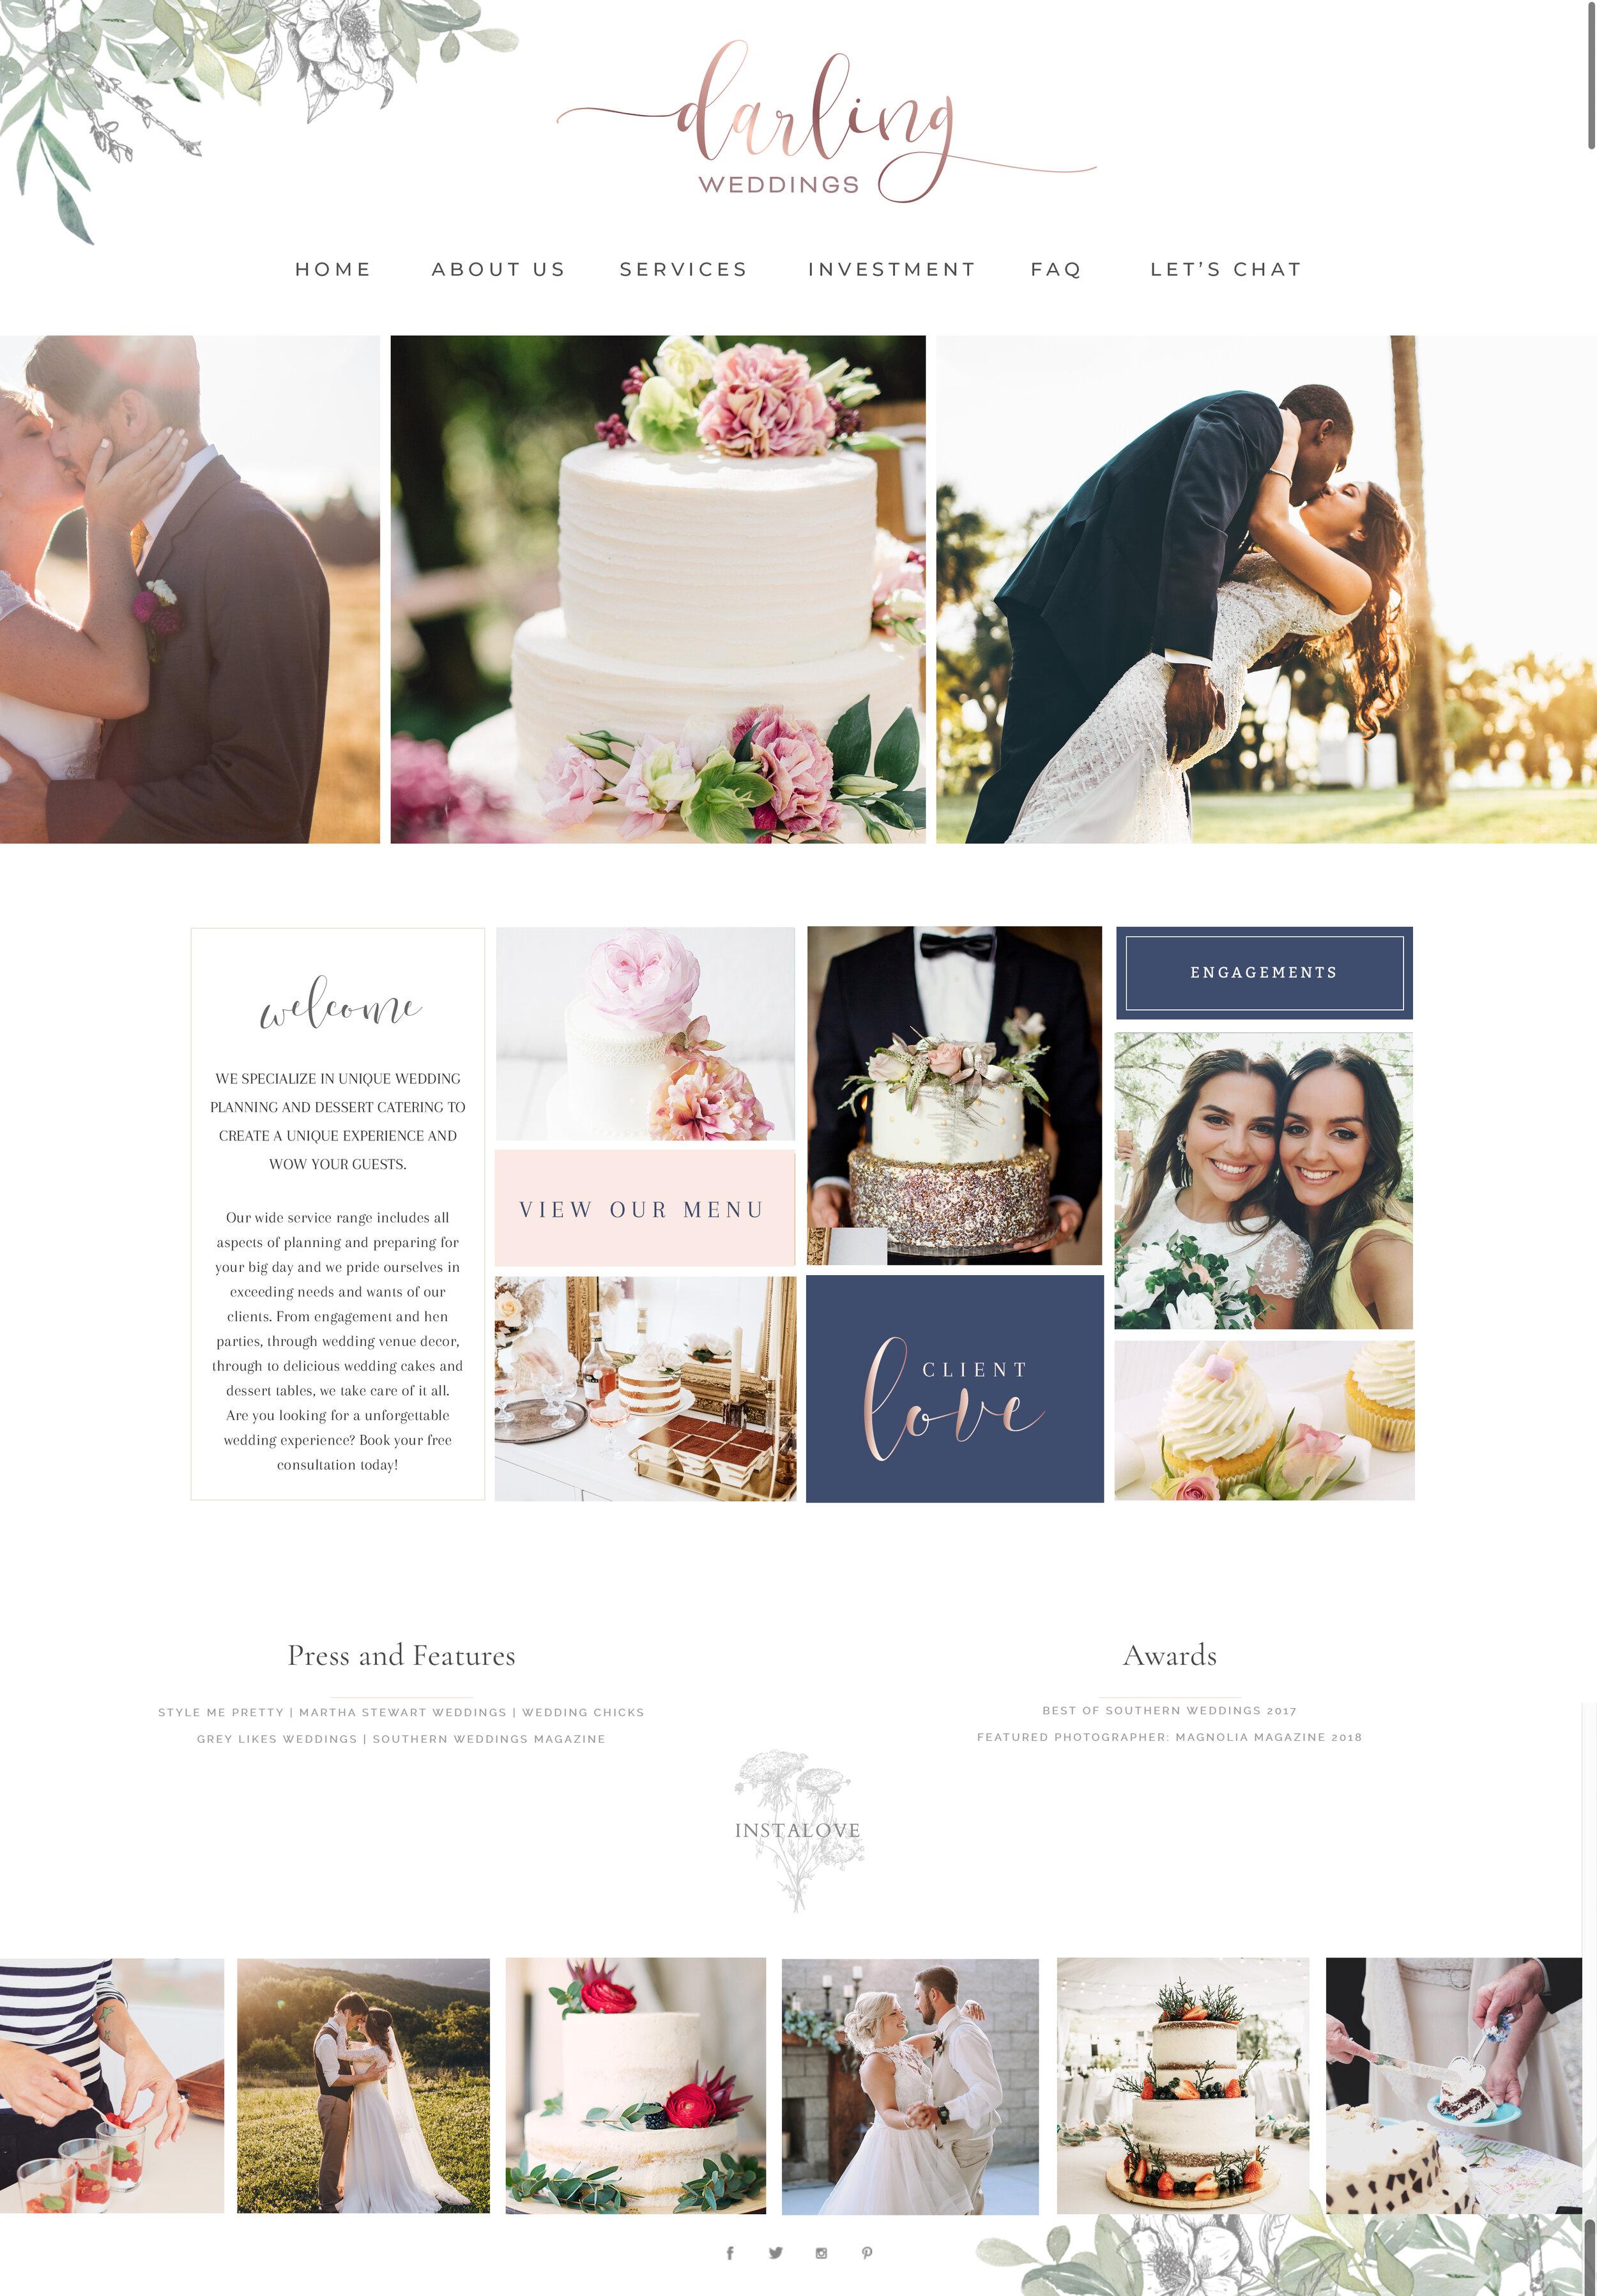 darling weddings.jpg